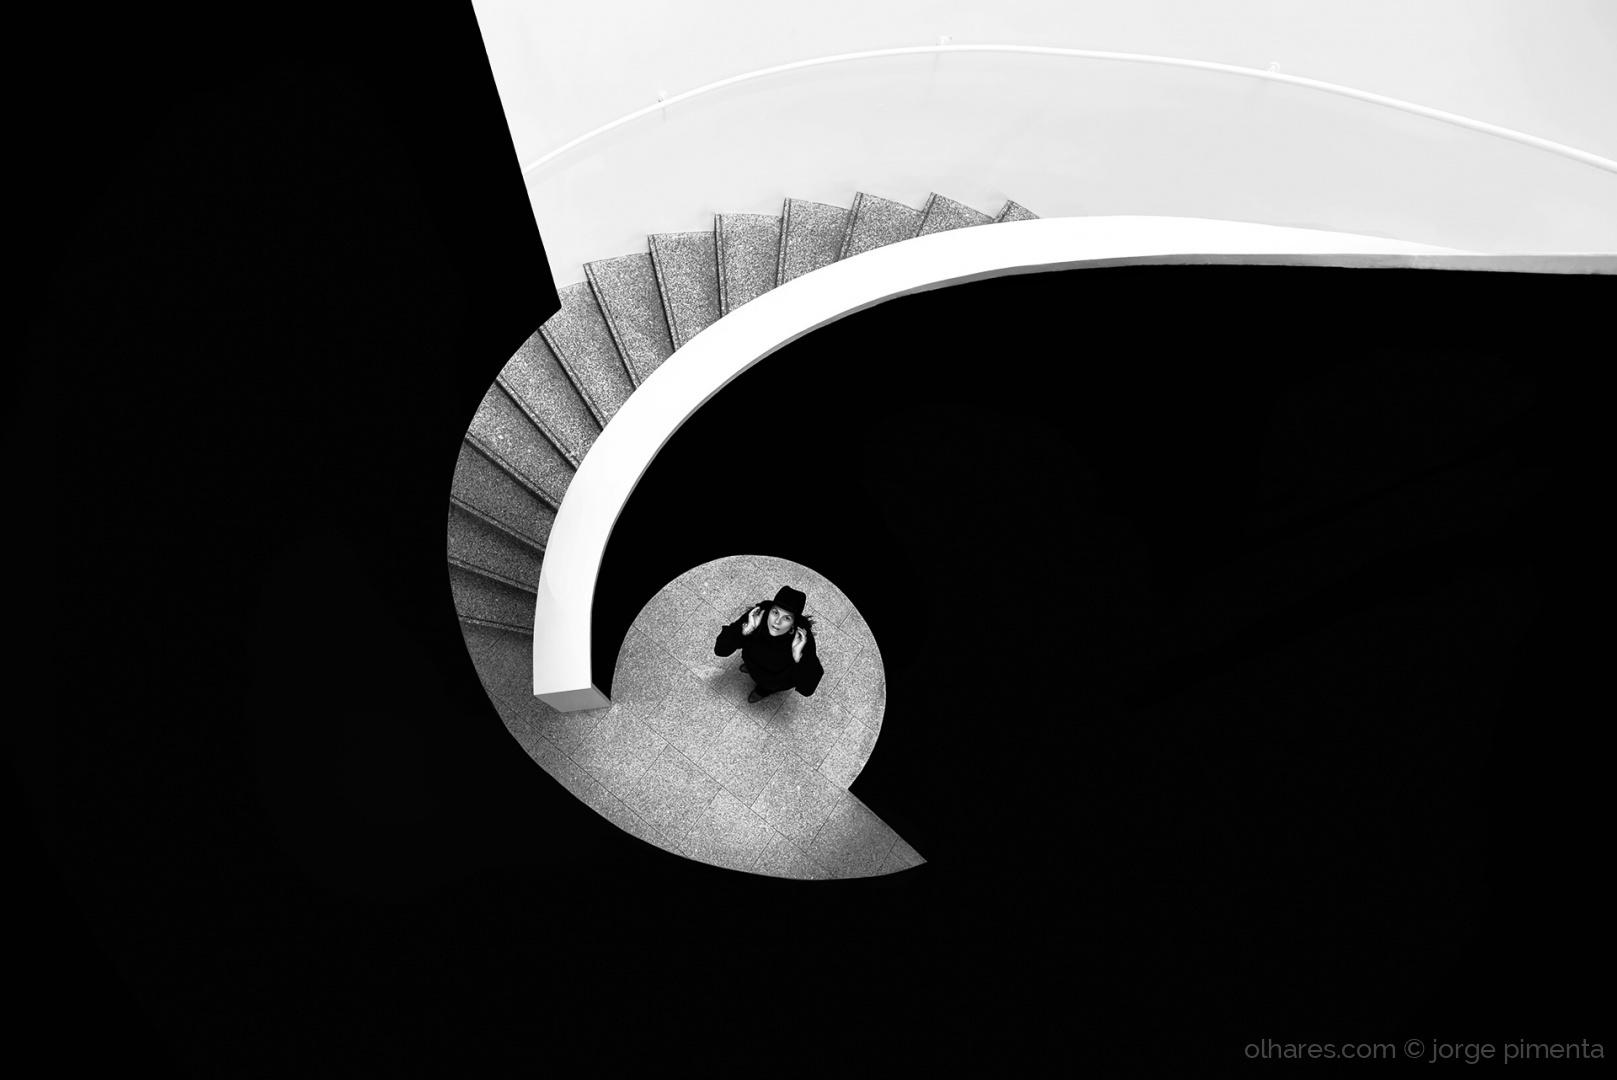 Arquitetura/Elegia de não retorno